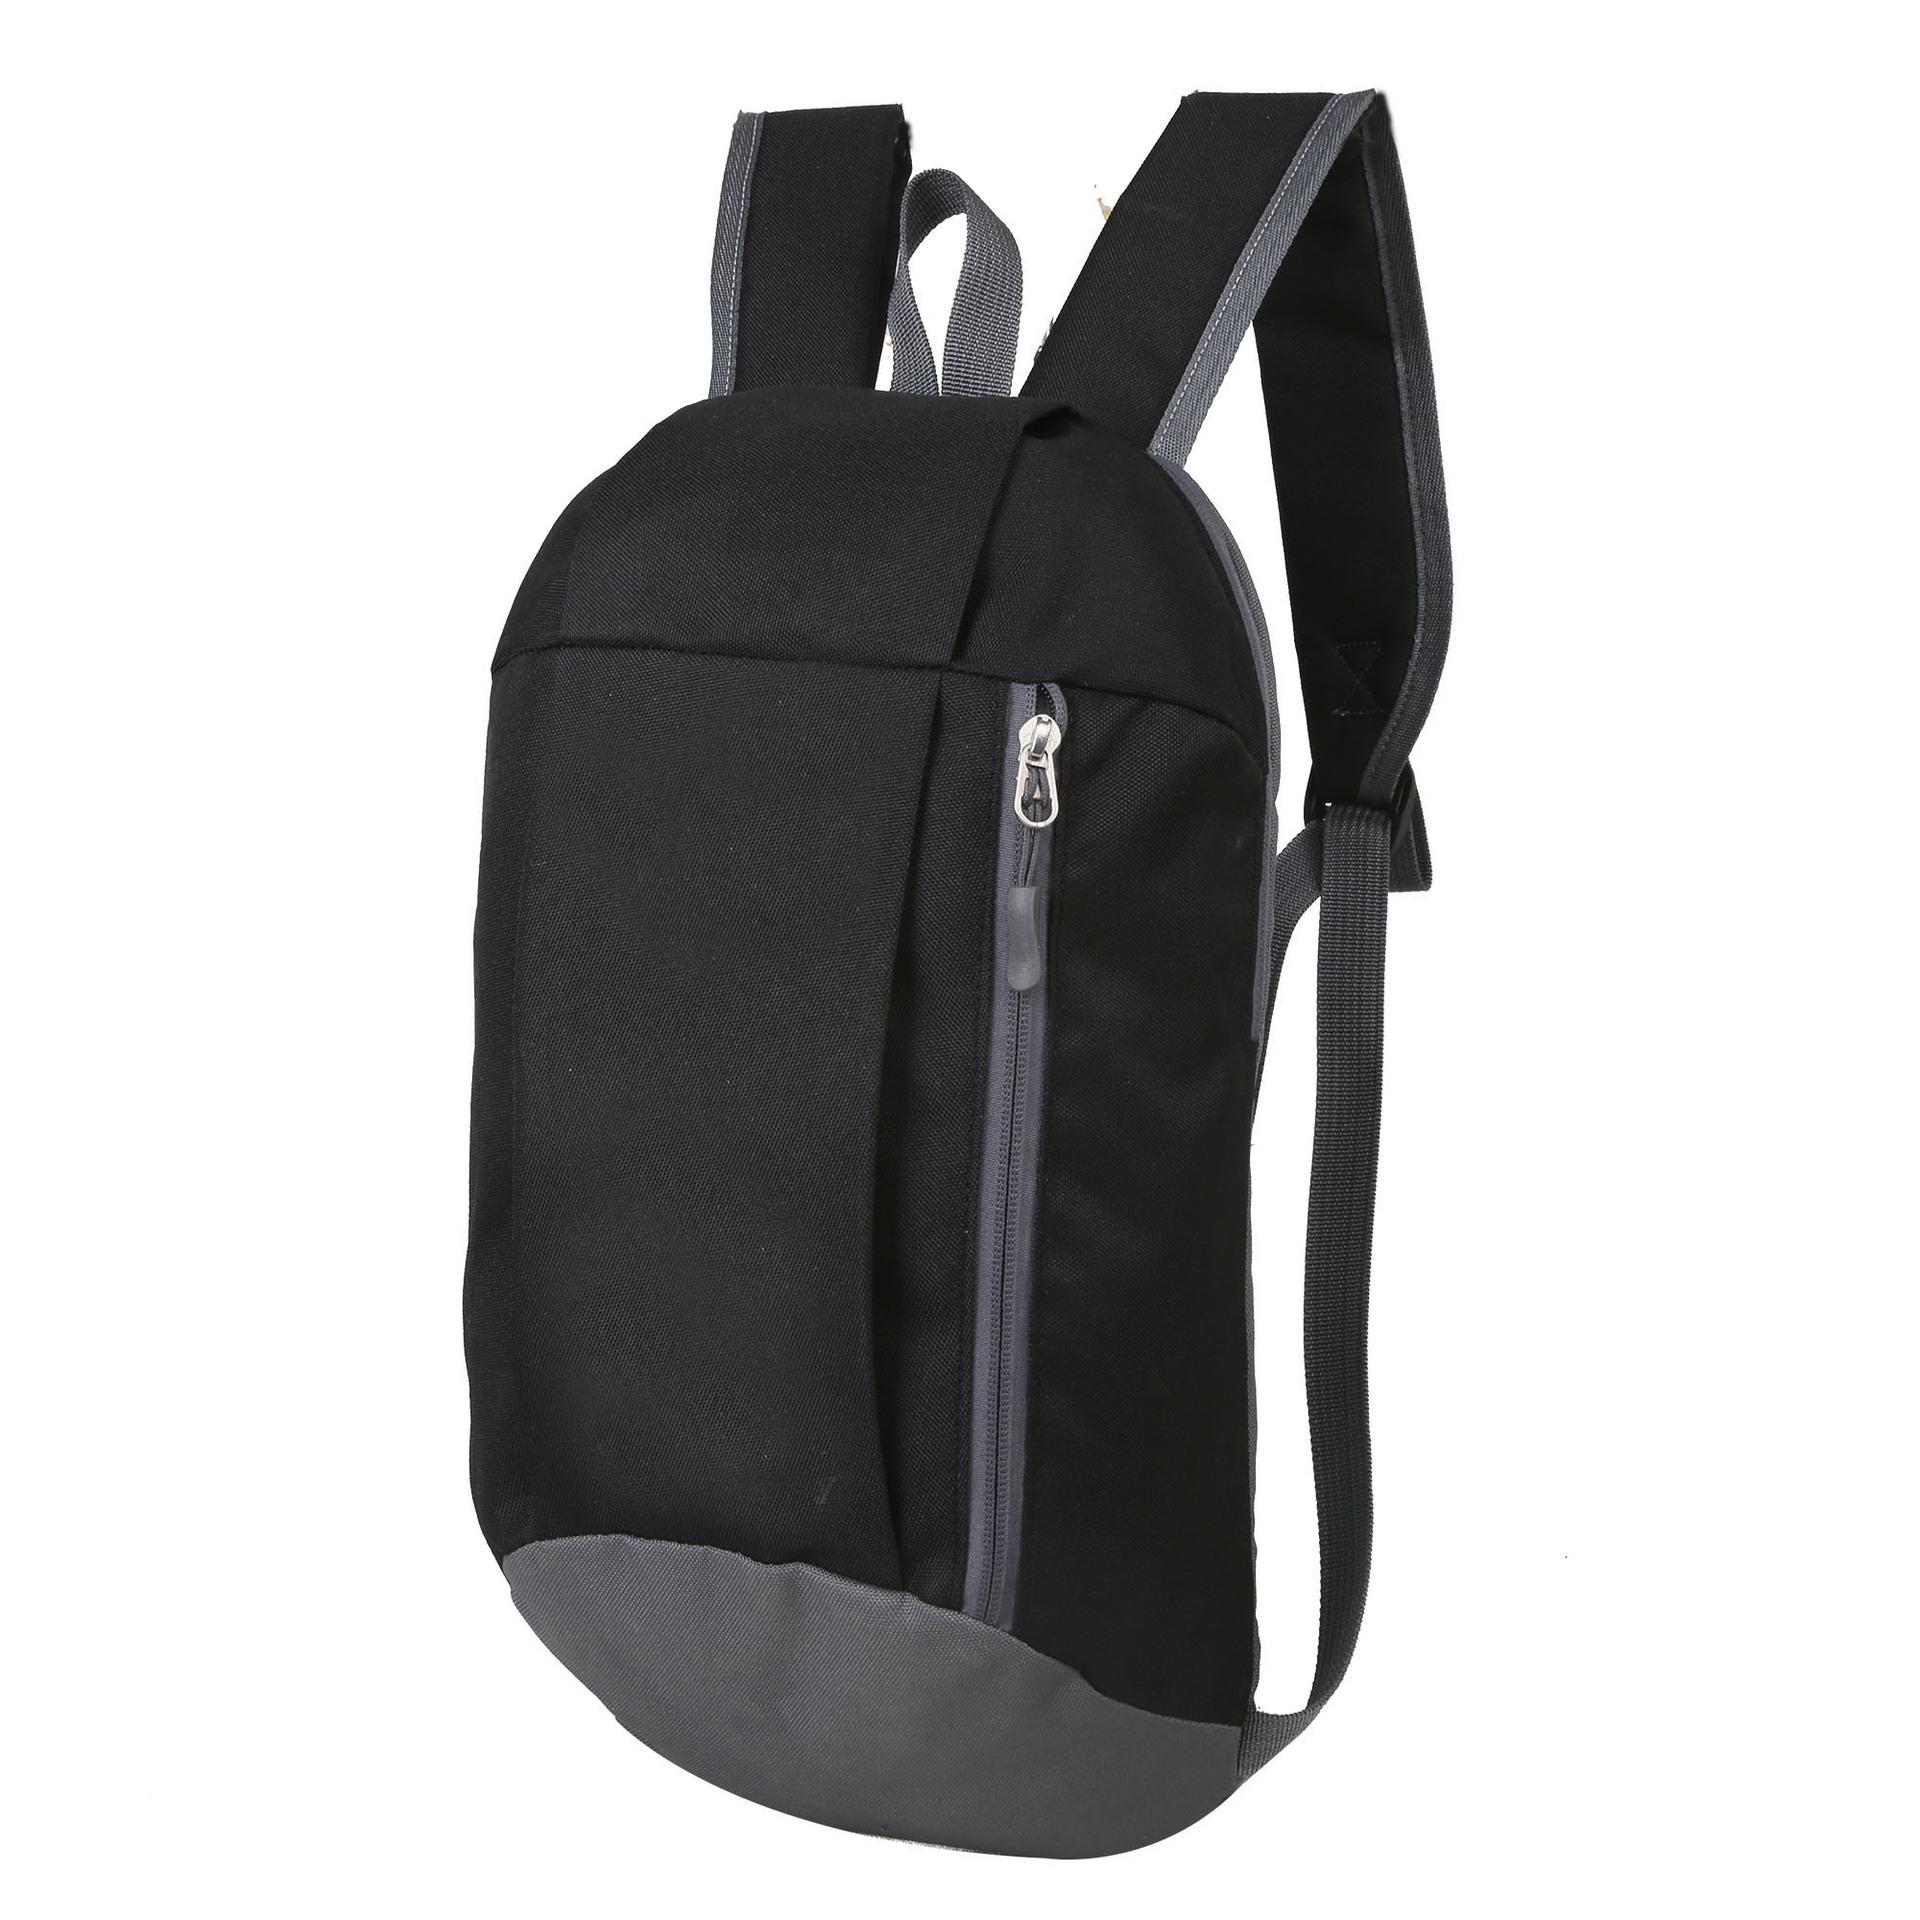 sportivnyj rjukzak s logotipom na zakaz flytrip 25 - Спортивный рюкзак с логотипом (на заказ) FlyTrip: 20 л, нейлон 300D/ 600D